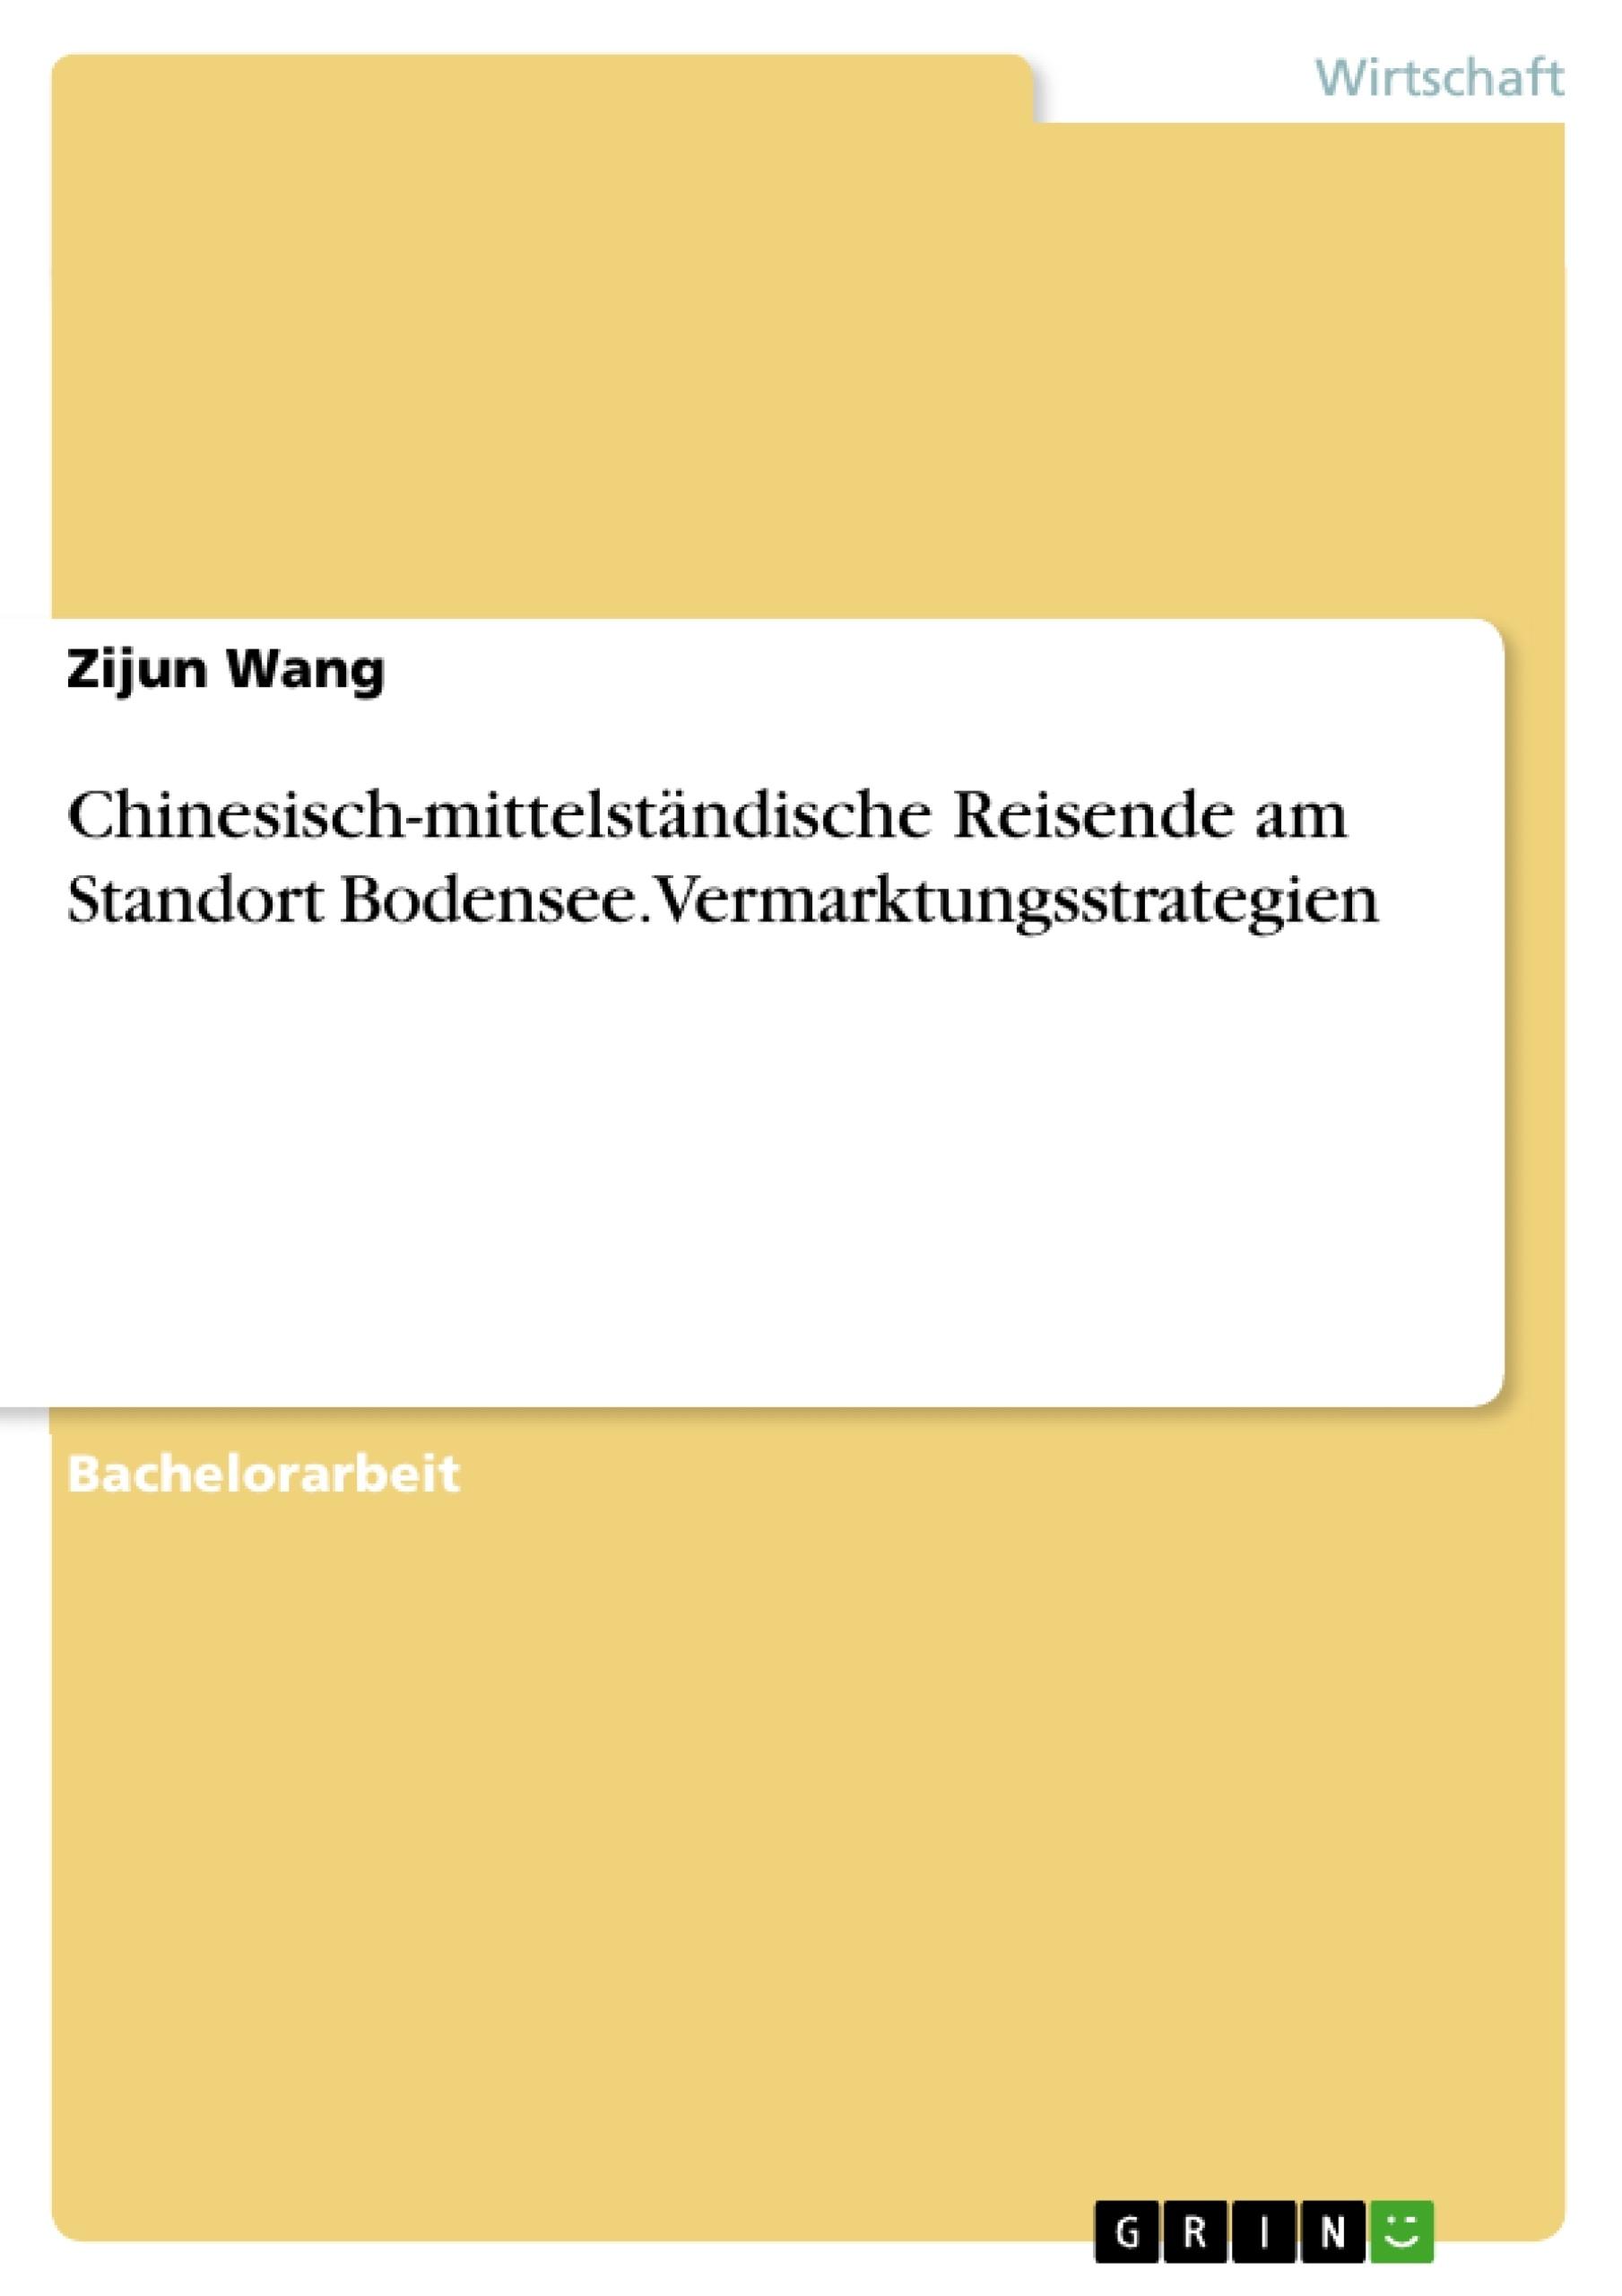 Titel: Chinesisch-mittelständische Reisende am Standort Bodensee. Vermarktungsstrategien